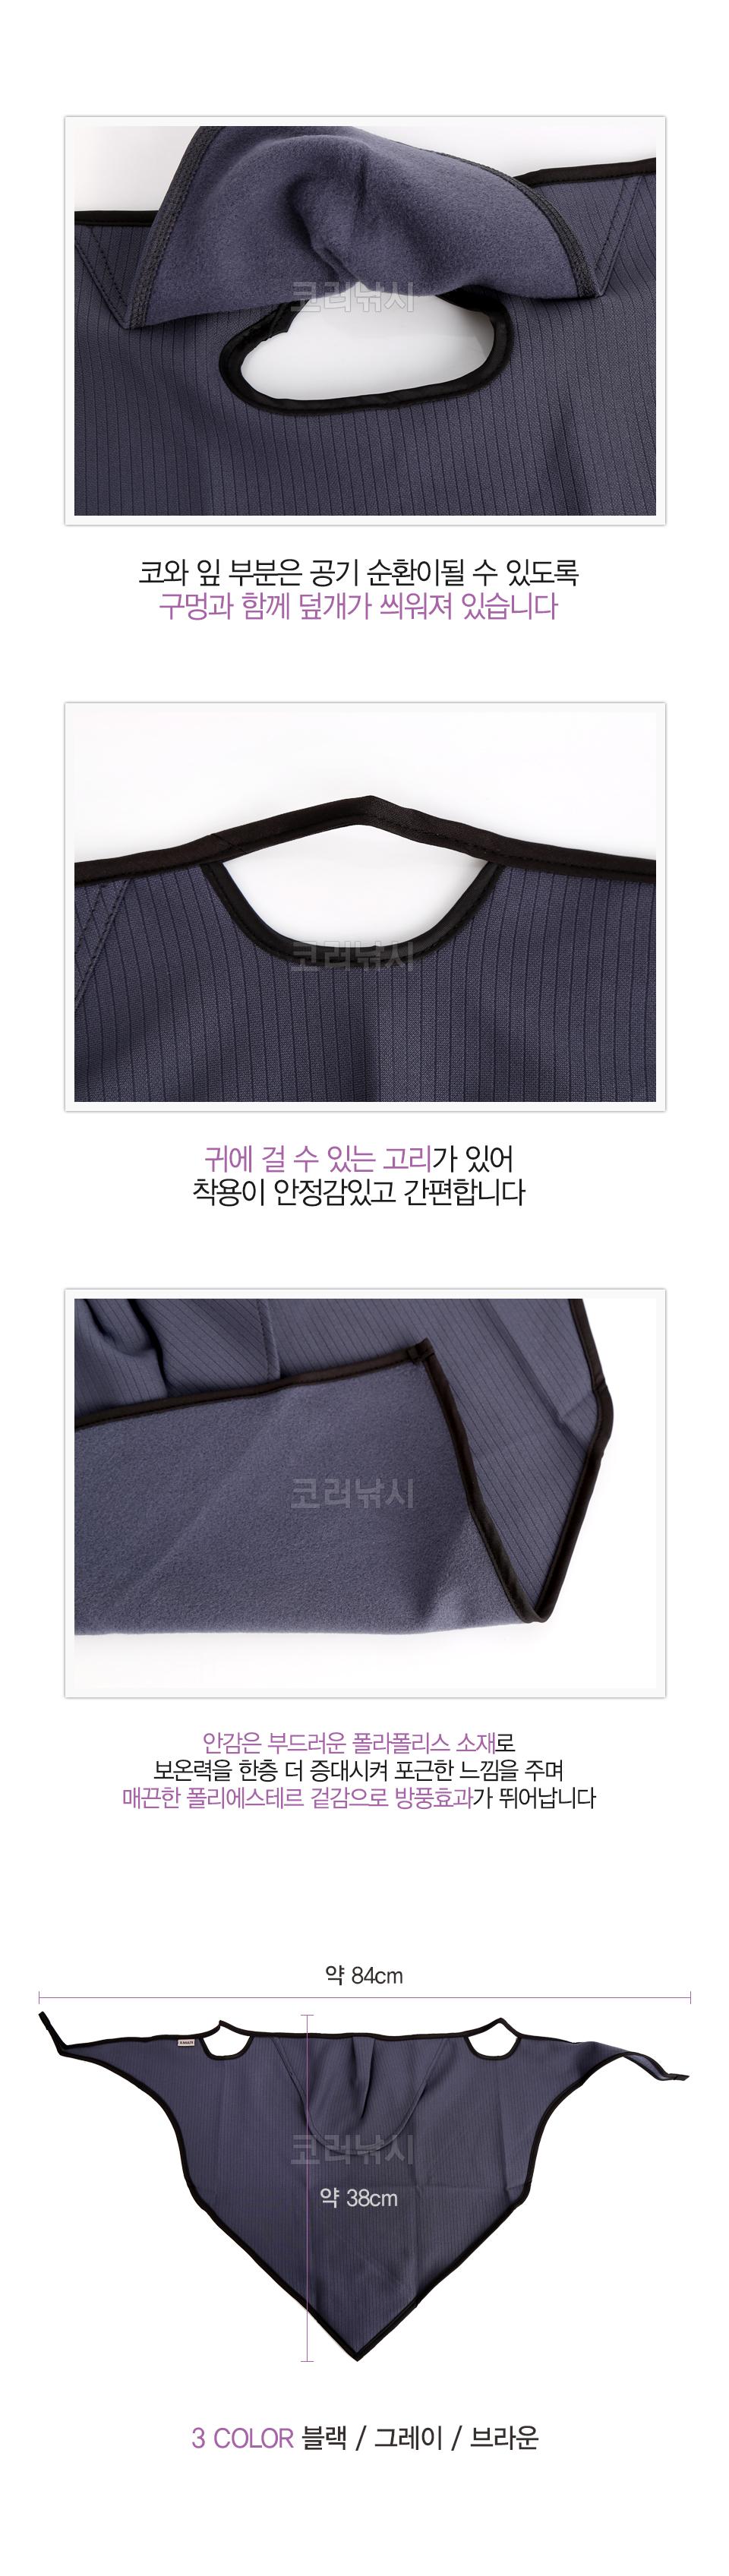 썬멀티 귀걸이형 삼각 방한마스크 (MADE IN KOREA) 방한용마스크 방한스카프 방한용품 동계용품